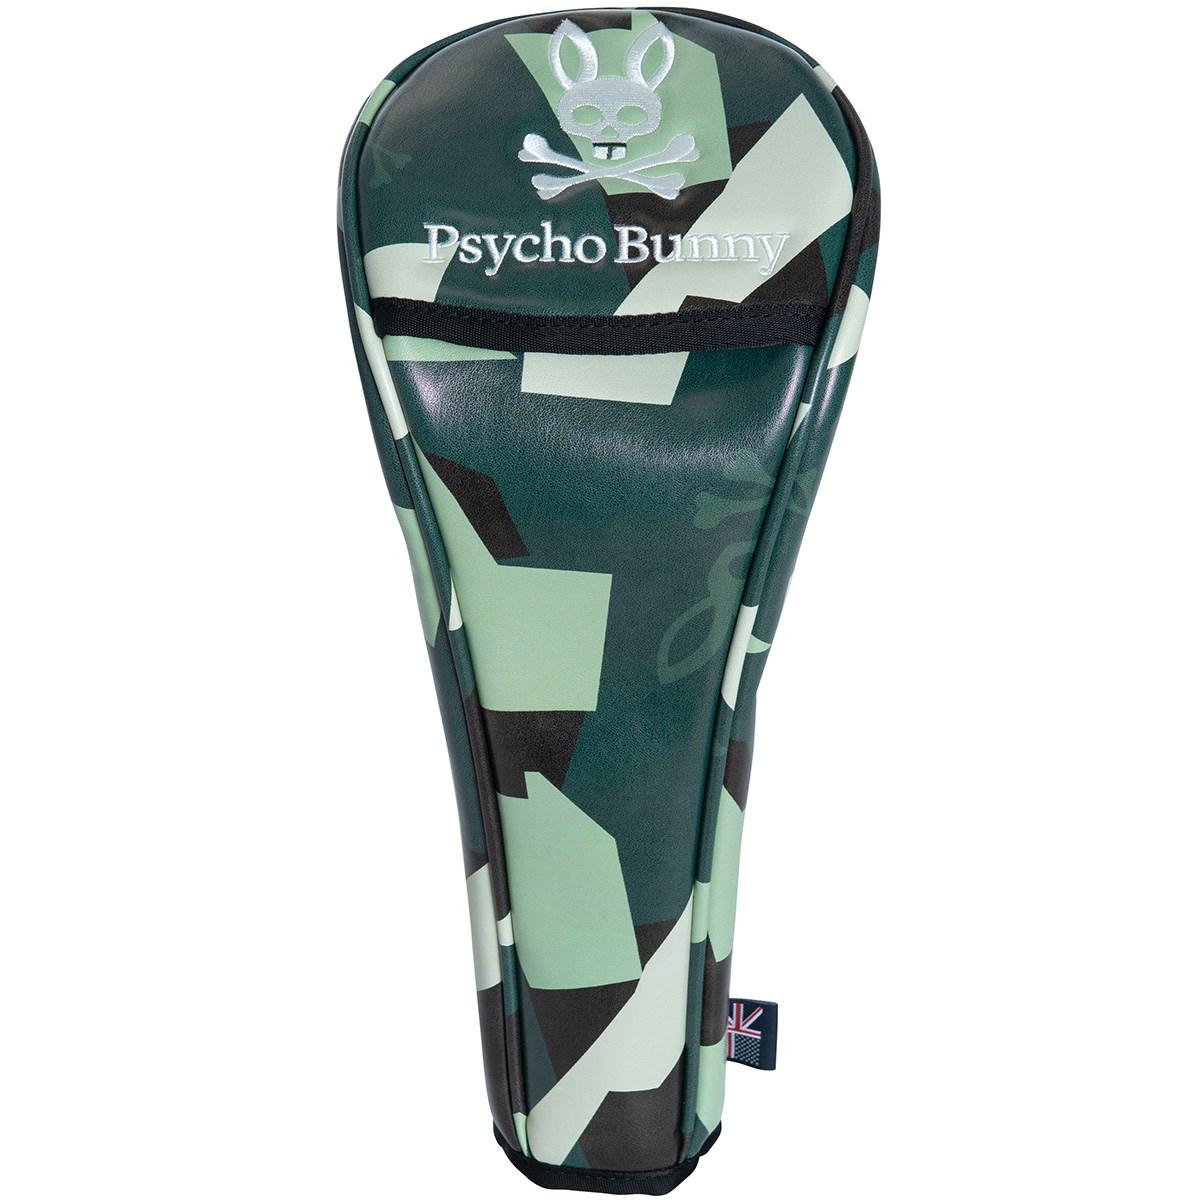 サイコバニー PSYCHO BUNNY NEW CAMO ヘッドカバー DR用 グリーン 60